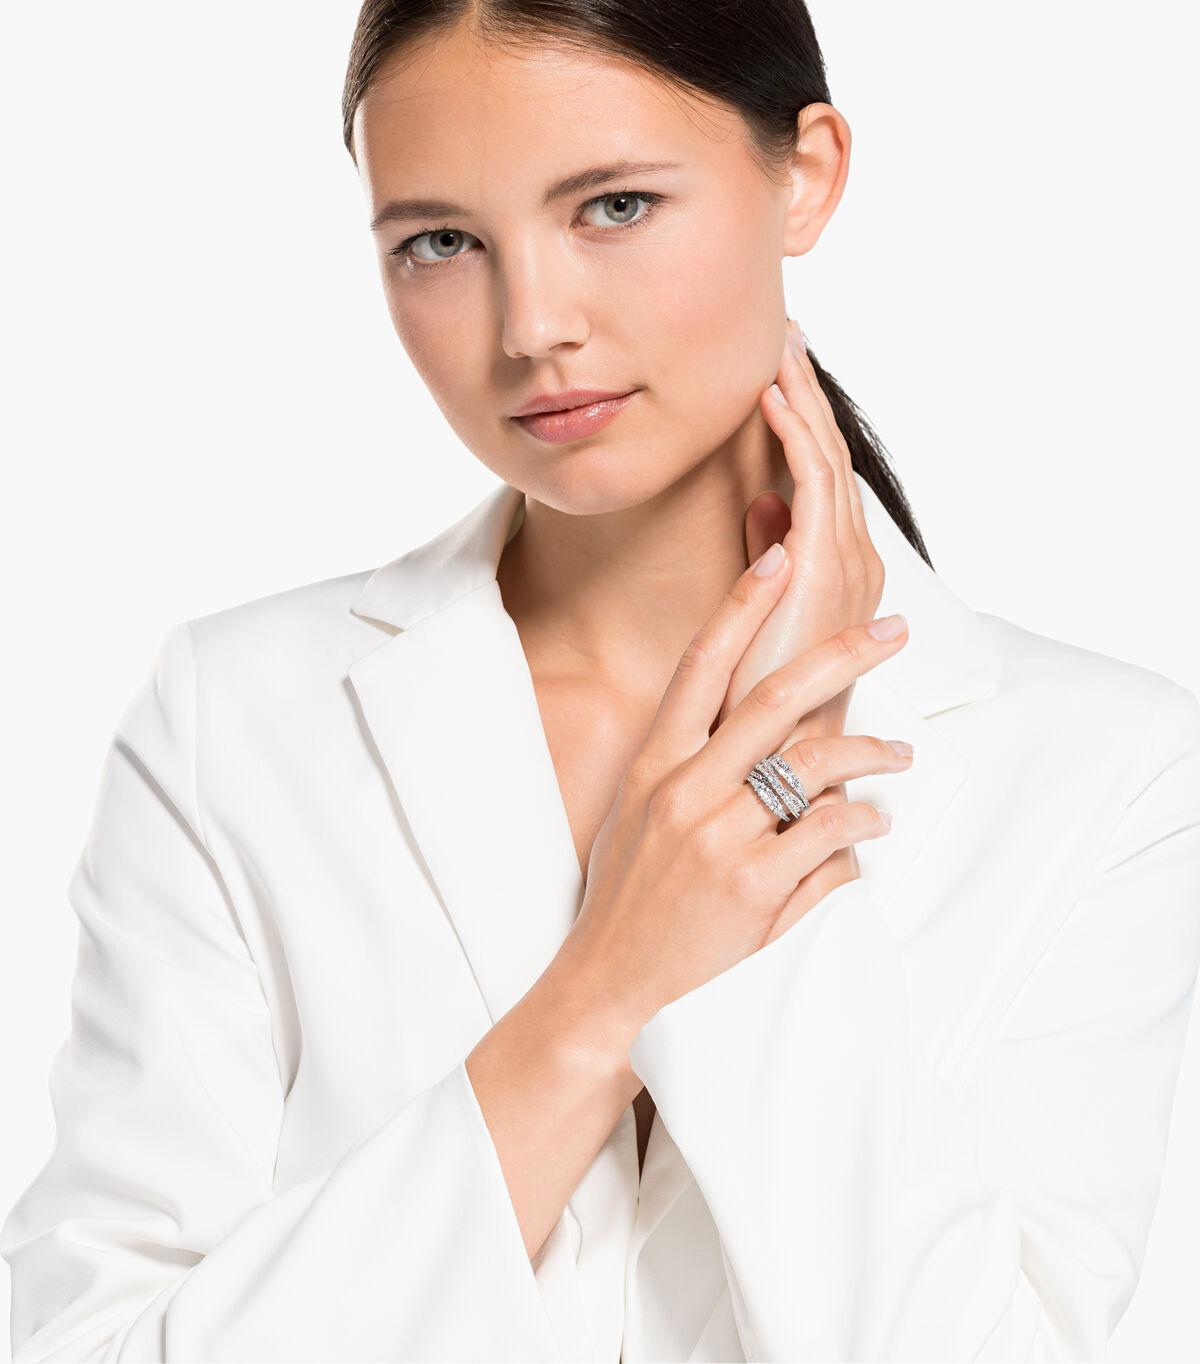 خاتم Twist ملفوف، لون أبيض، طلاء روديوم